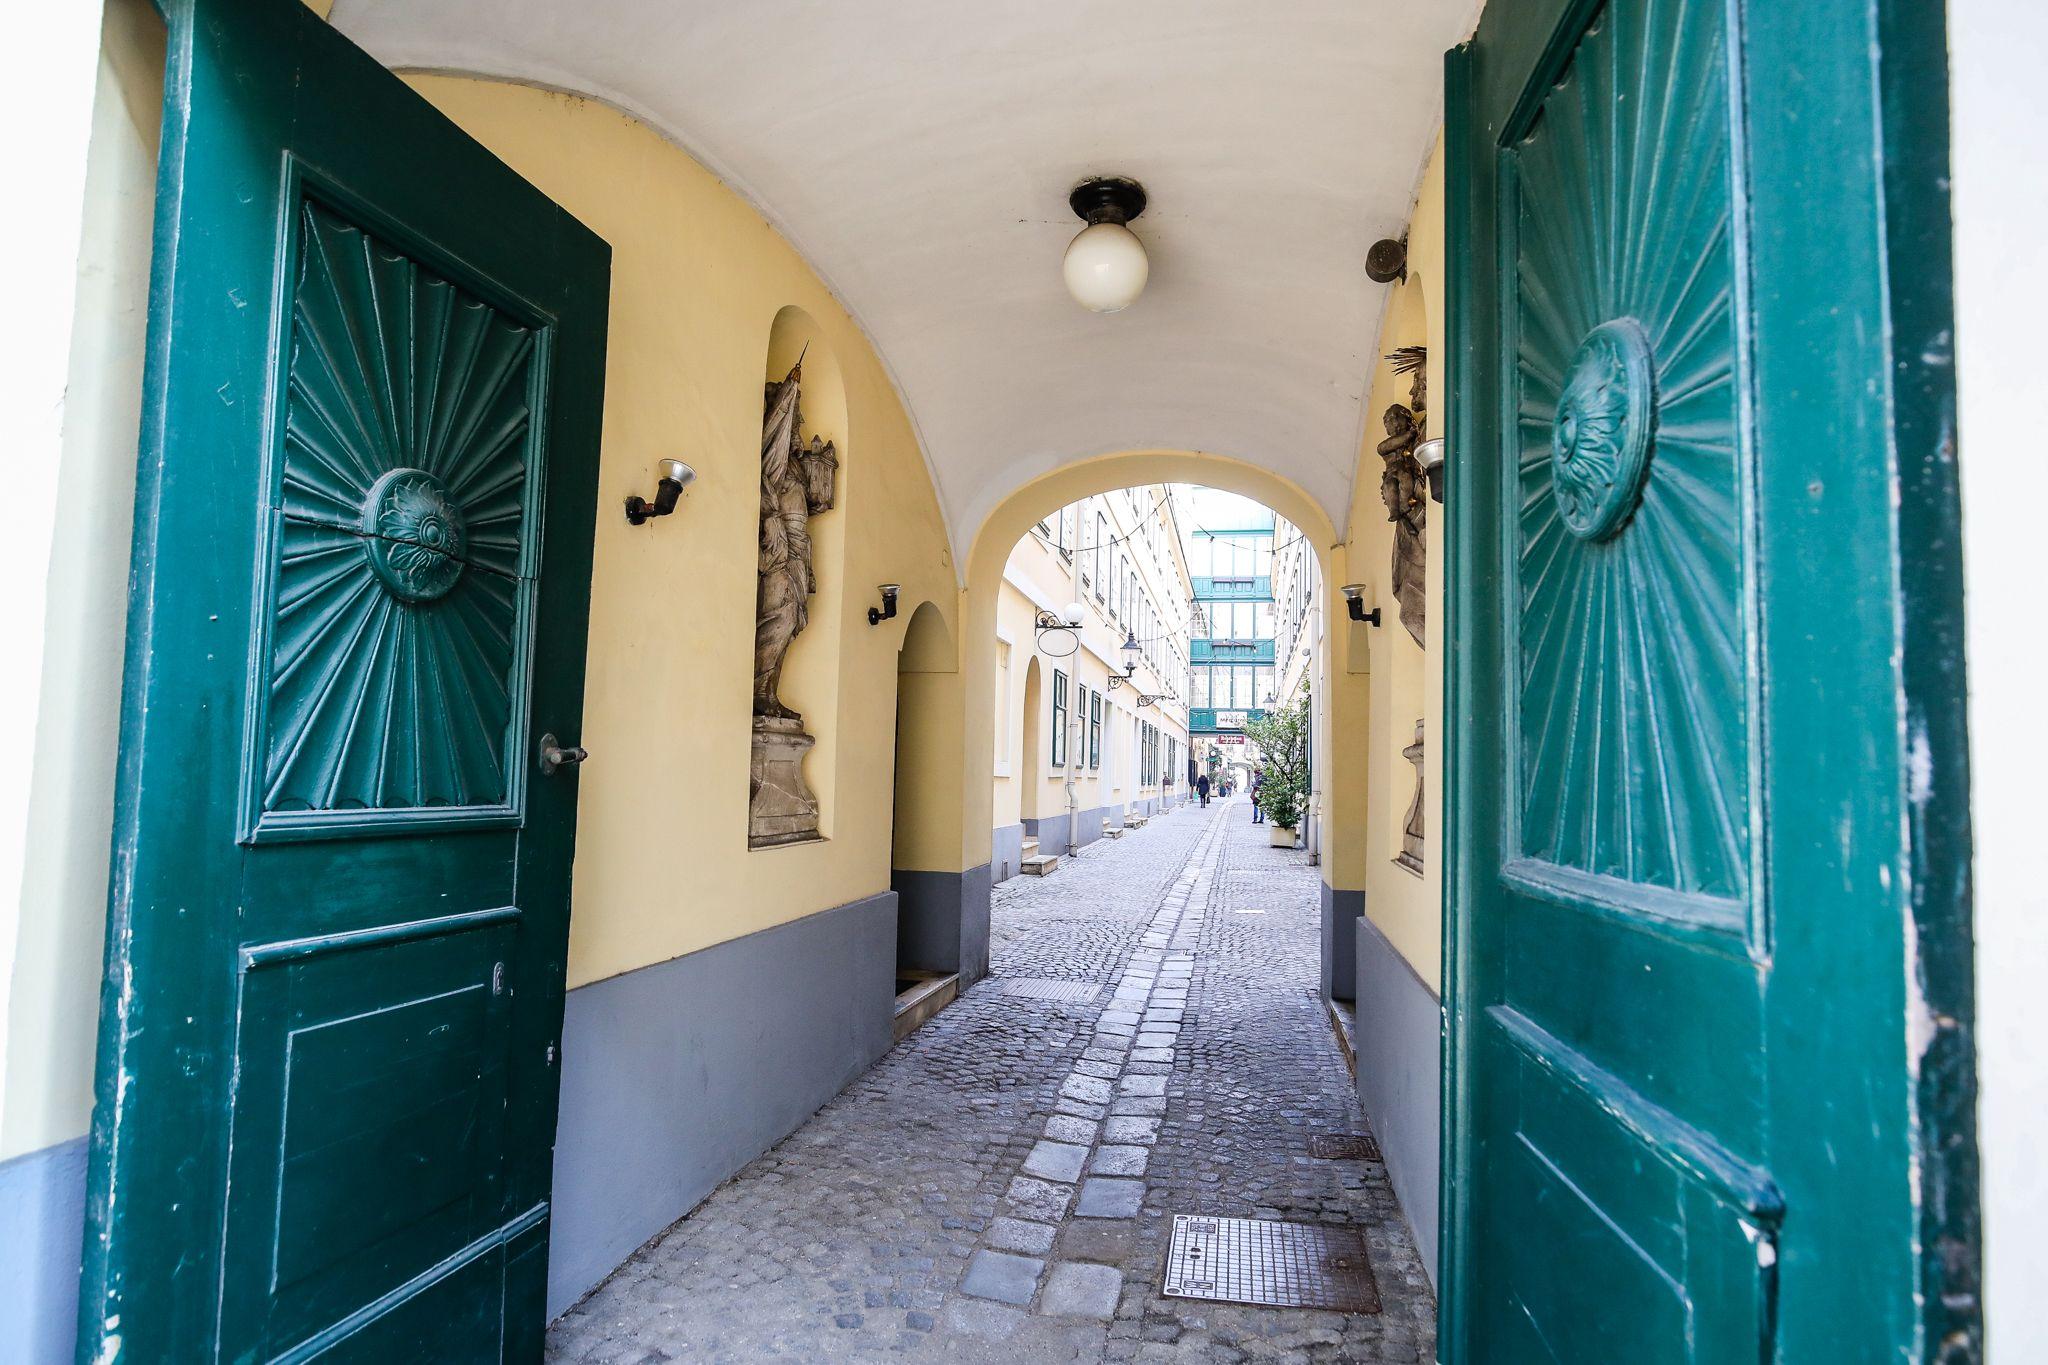 Durchgang durch den Sünnhof, © Christian Fürthner